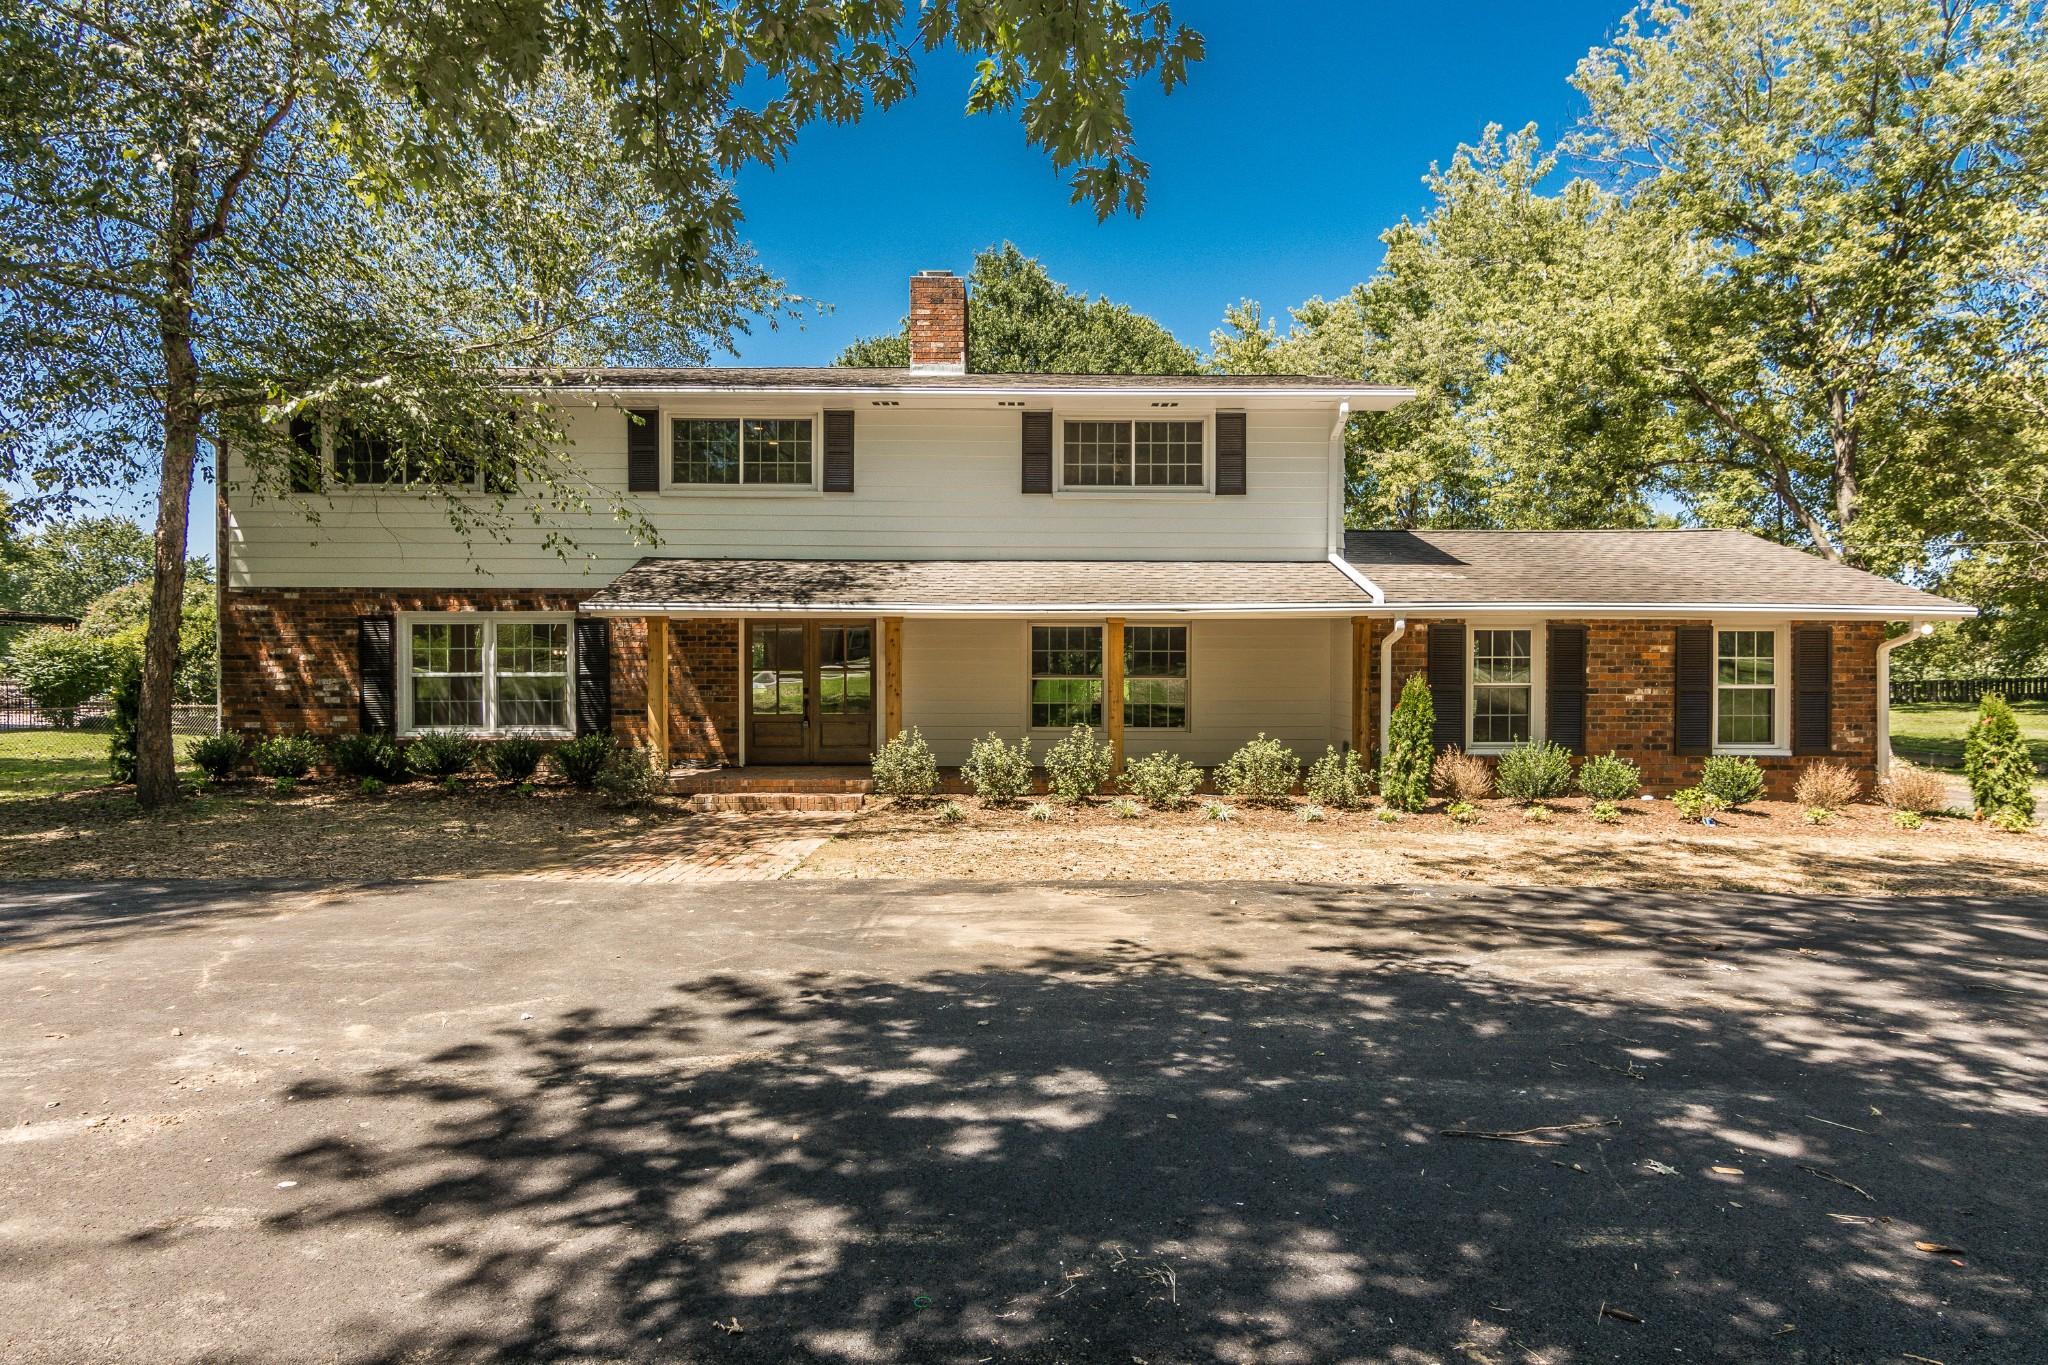 102 Glenn Hill Dr, Hendersonville, TN 37075 - Hendersonville, TN real estate listing